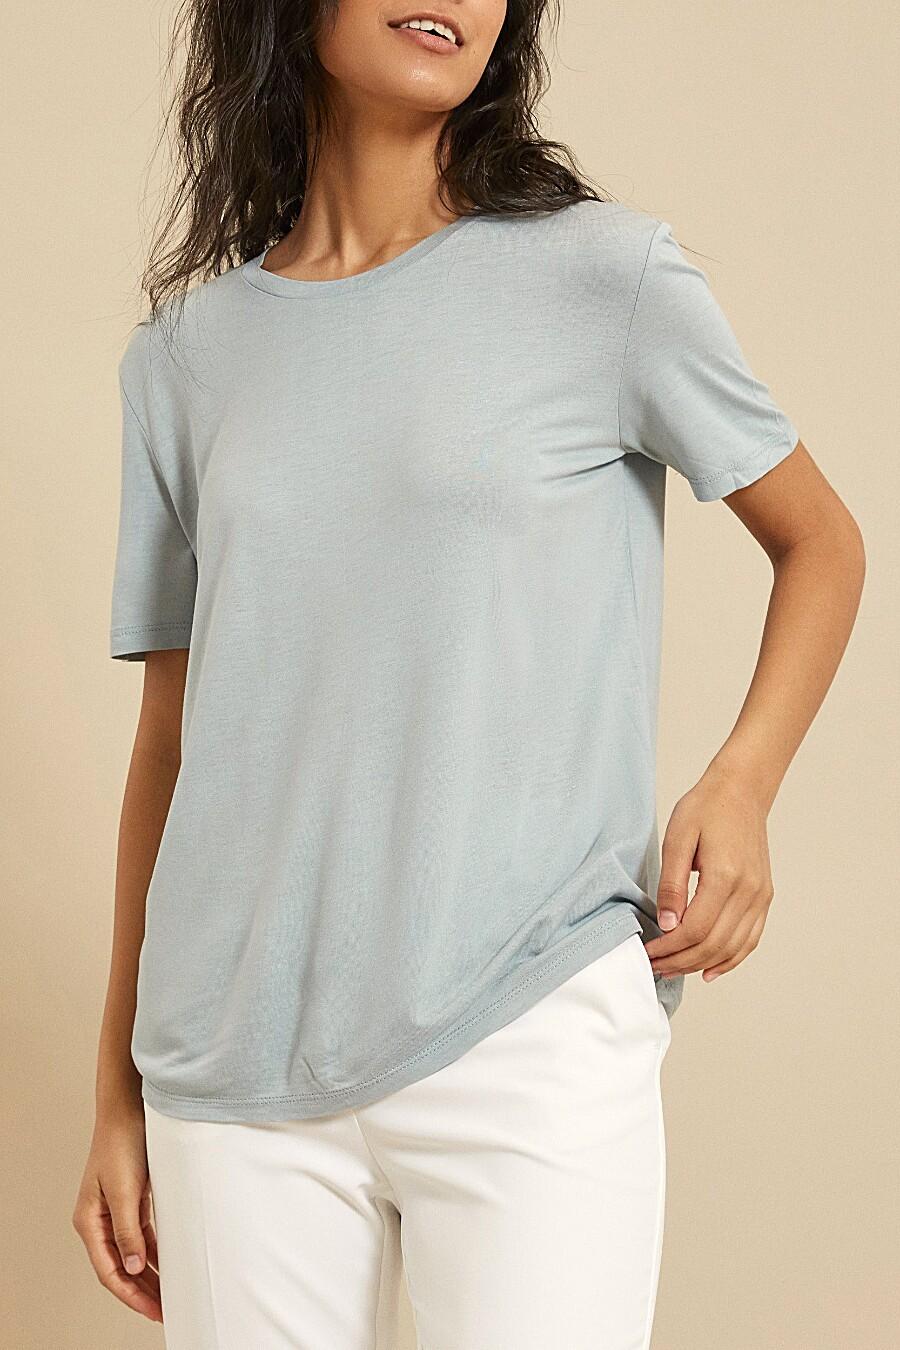 Футболка для женщин ZARINA 205189 купить оптом от производителя. Совместная покупка женской одежды в OptMoyo